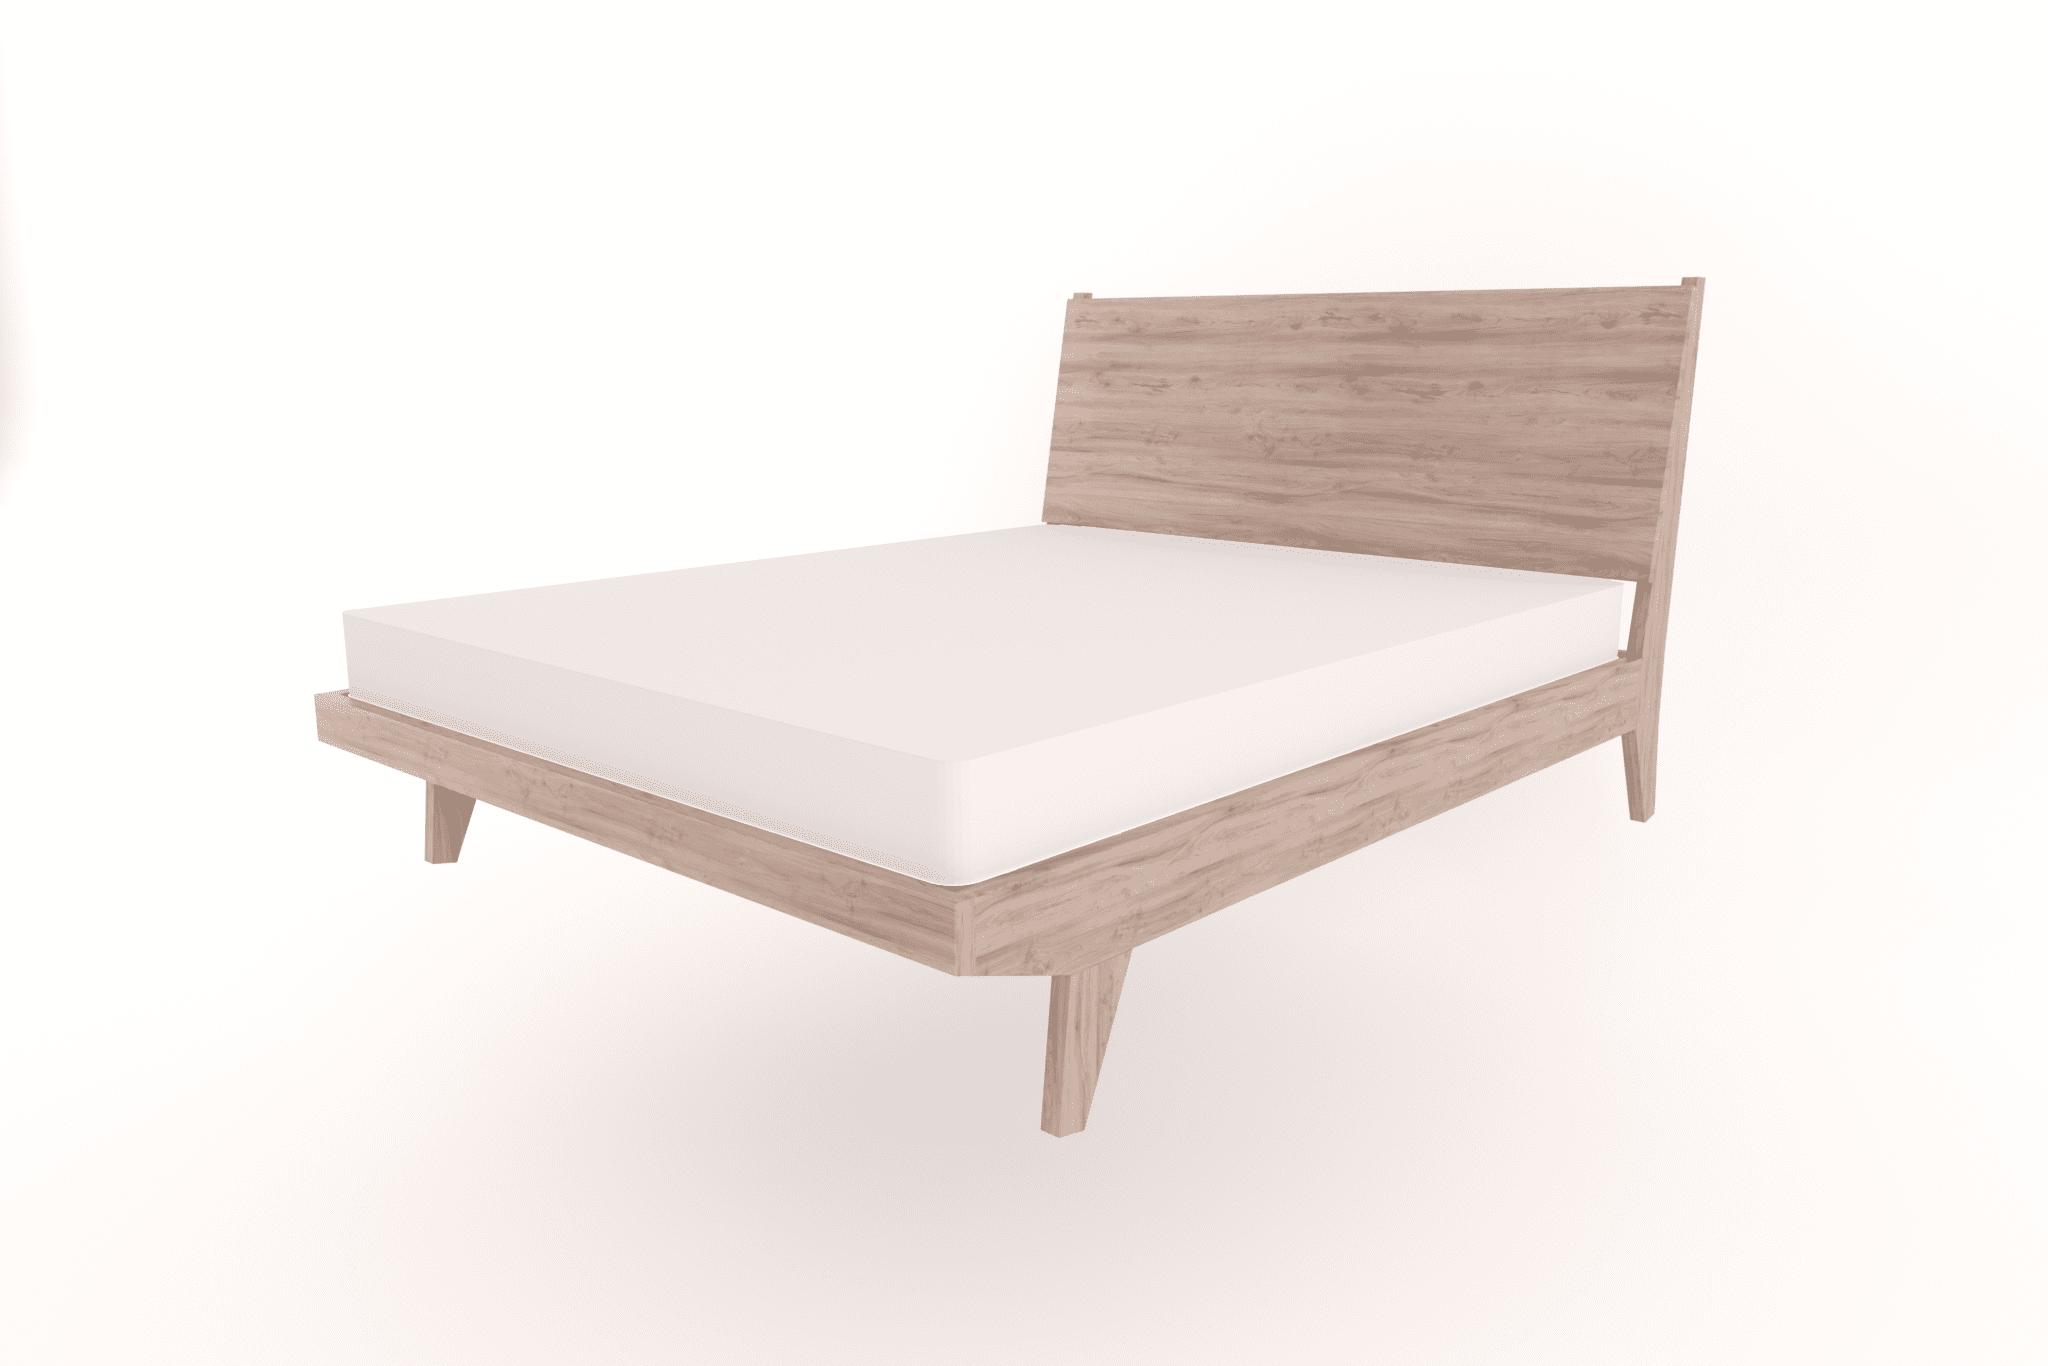 Bedroom Furniture KellyBed With Headboard – Queen beds